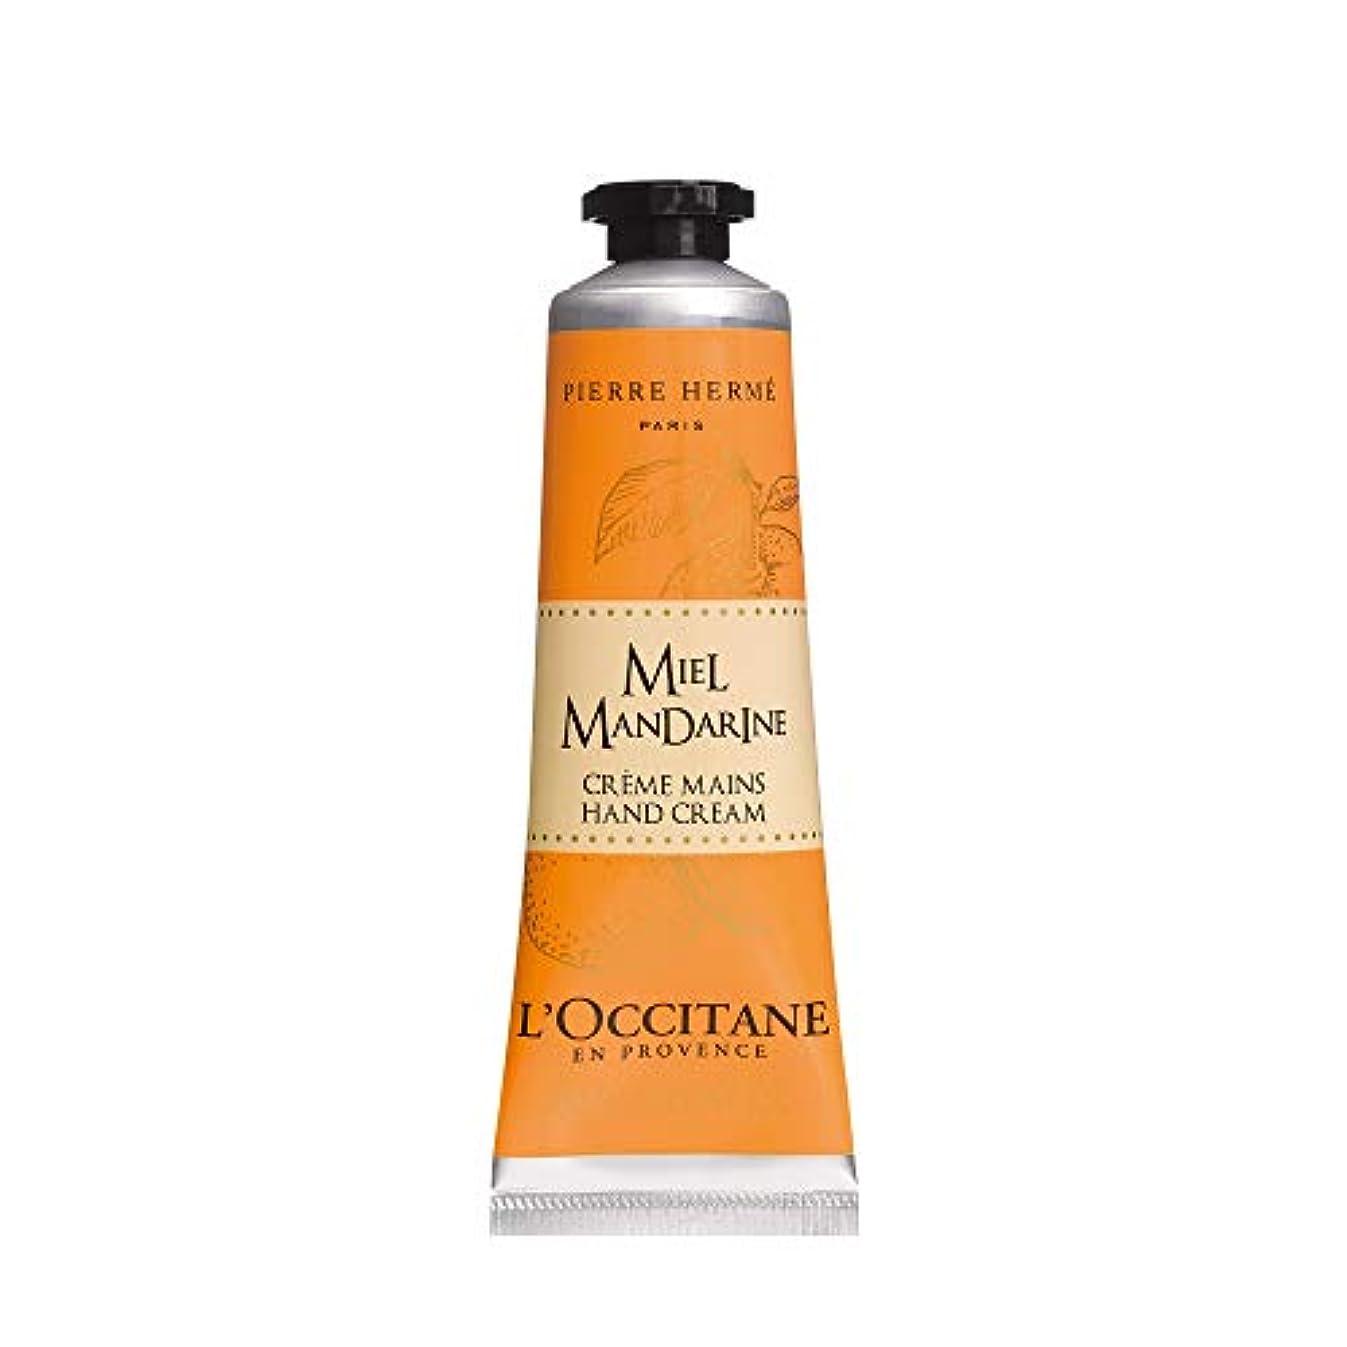 技術クスクス否認するロクシタン(L'OCCITANE) ミエルマンダリン ハンドクリーム 30ml ハートウオーミングオレンジハニー